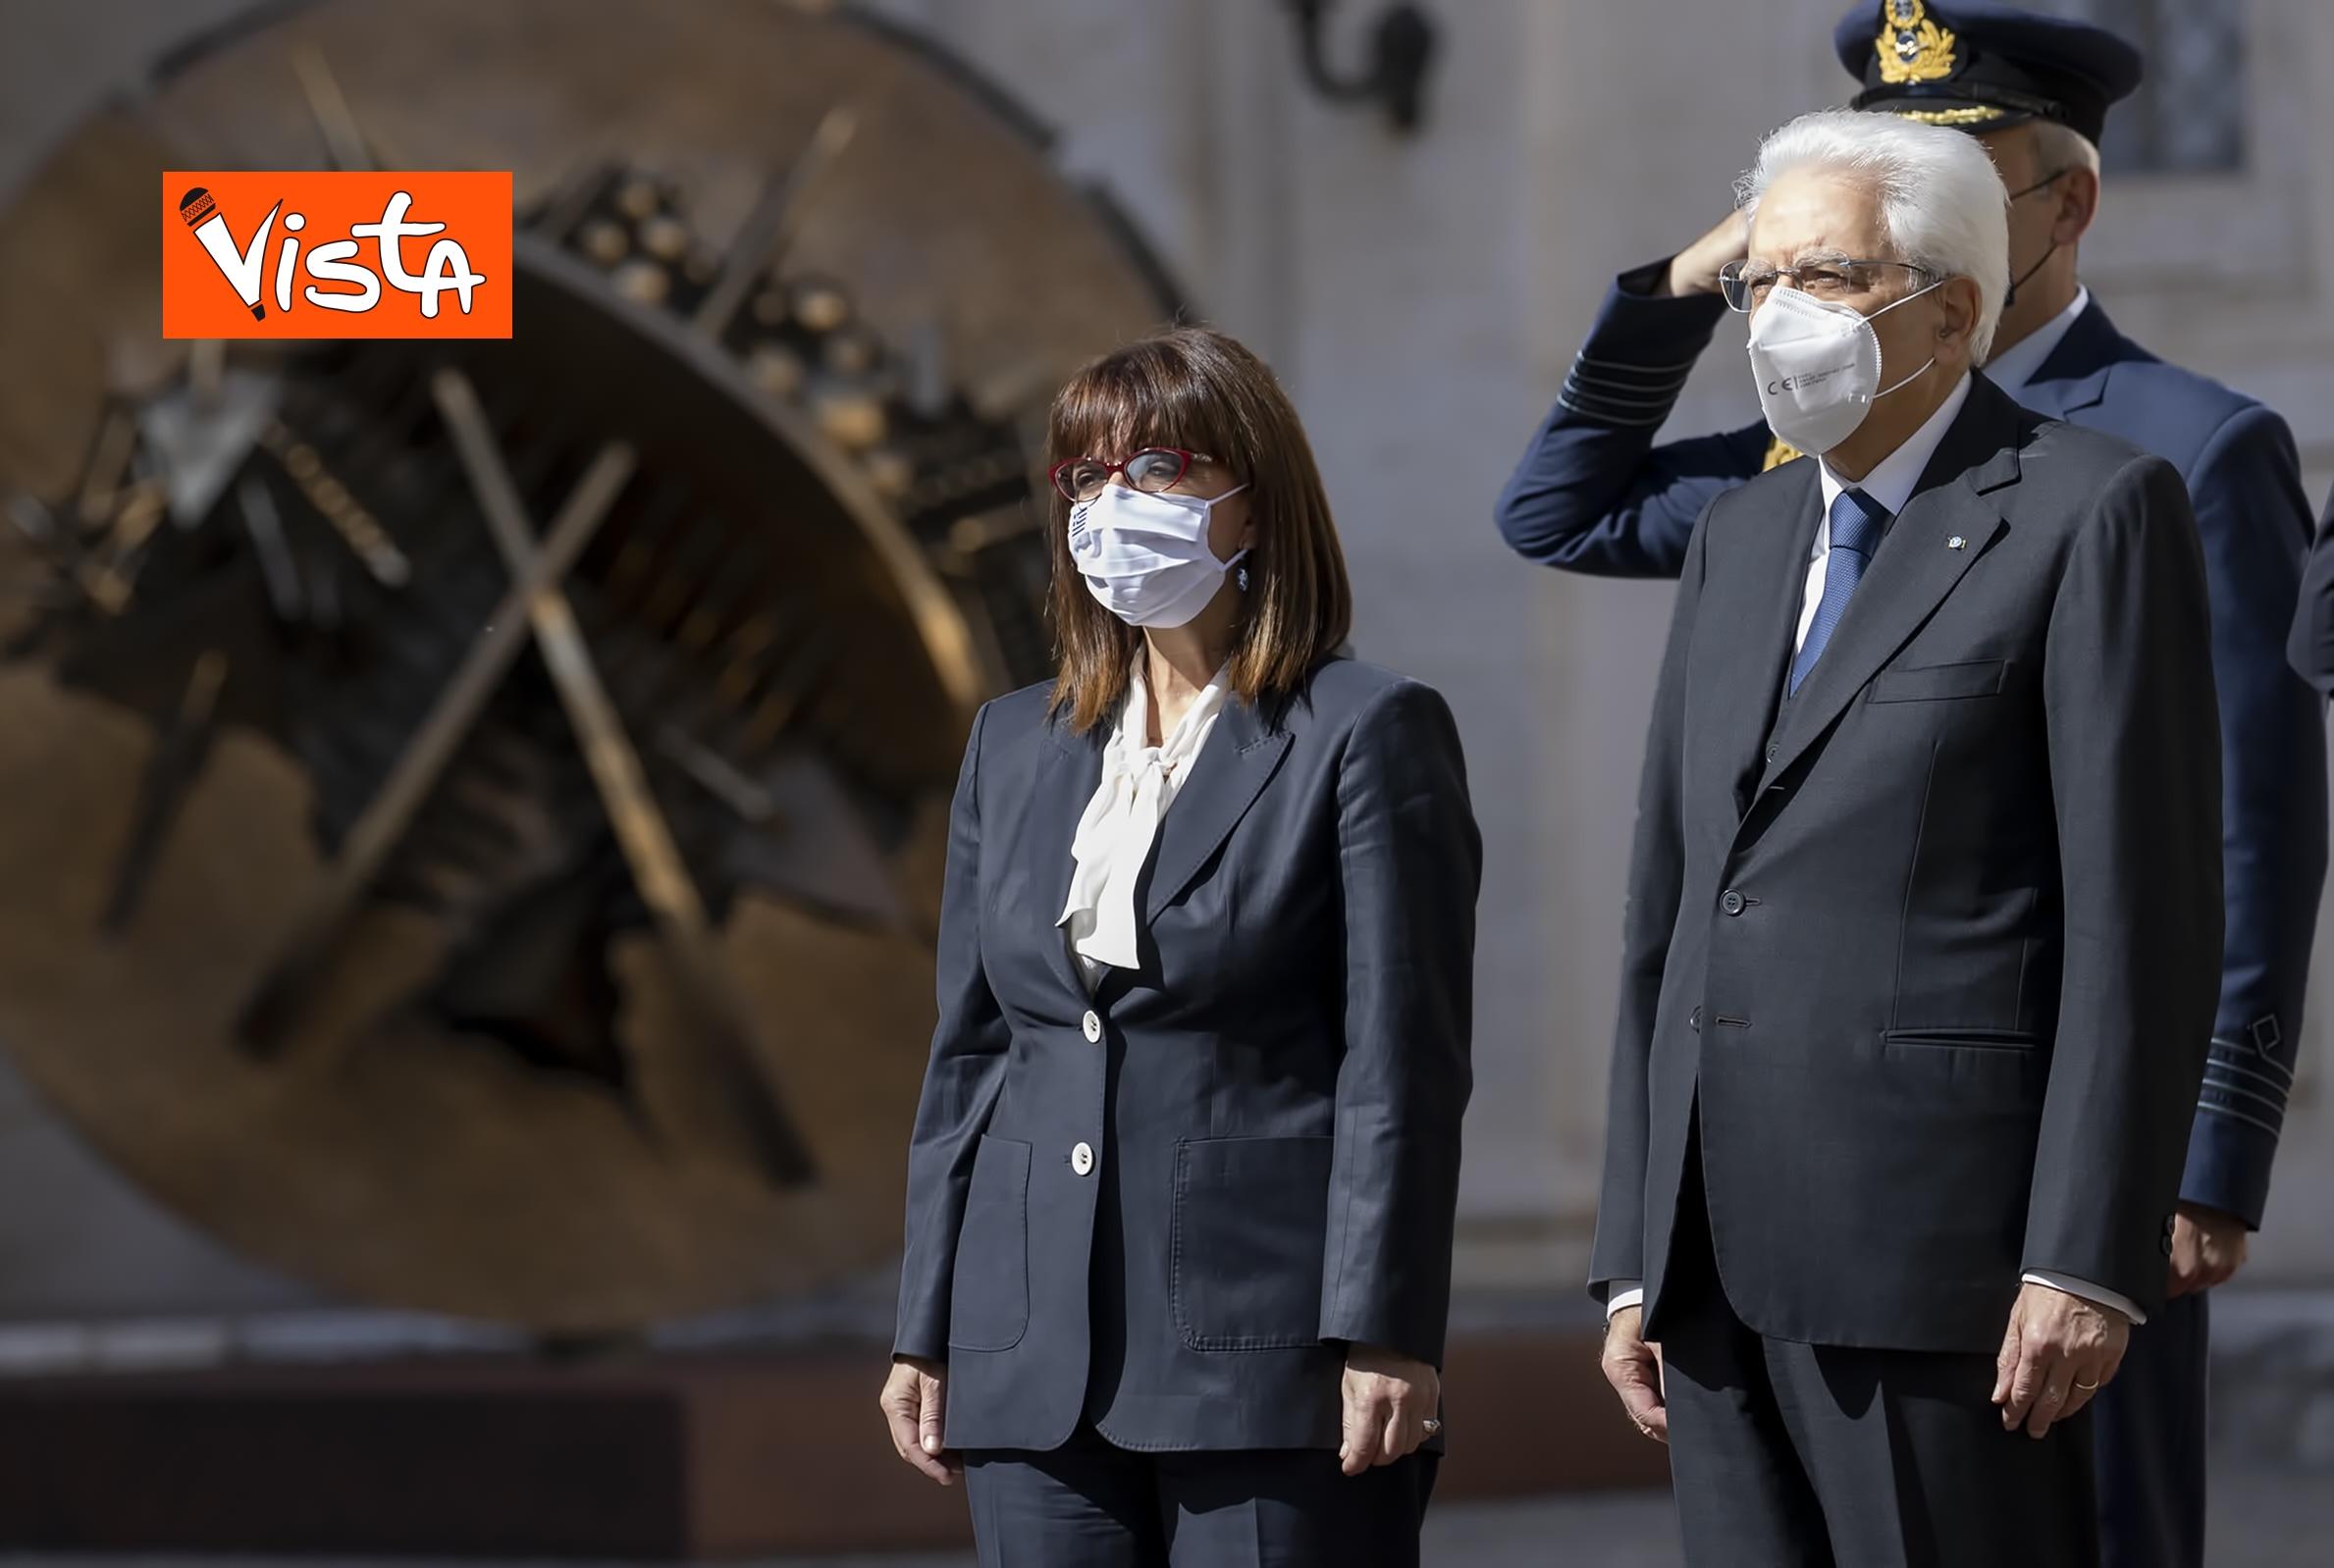 09-10-20 Mattarella riceve la Presidente della Repubblica Ellenica Sakellaropoulou, le immagini_04